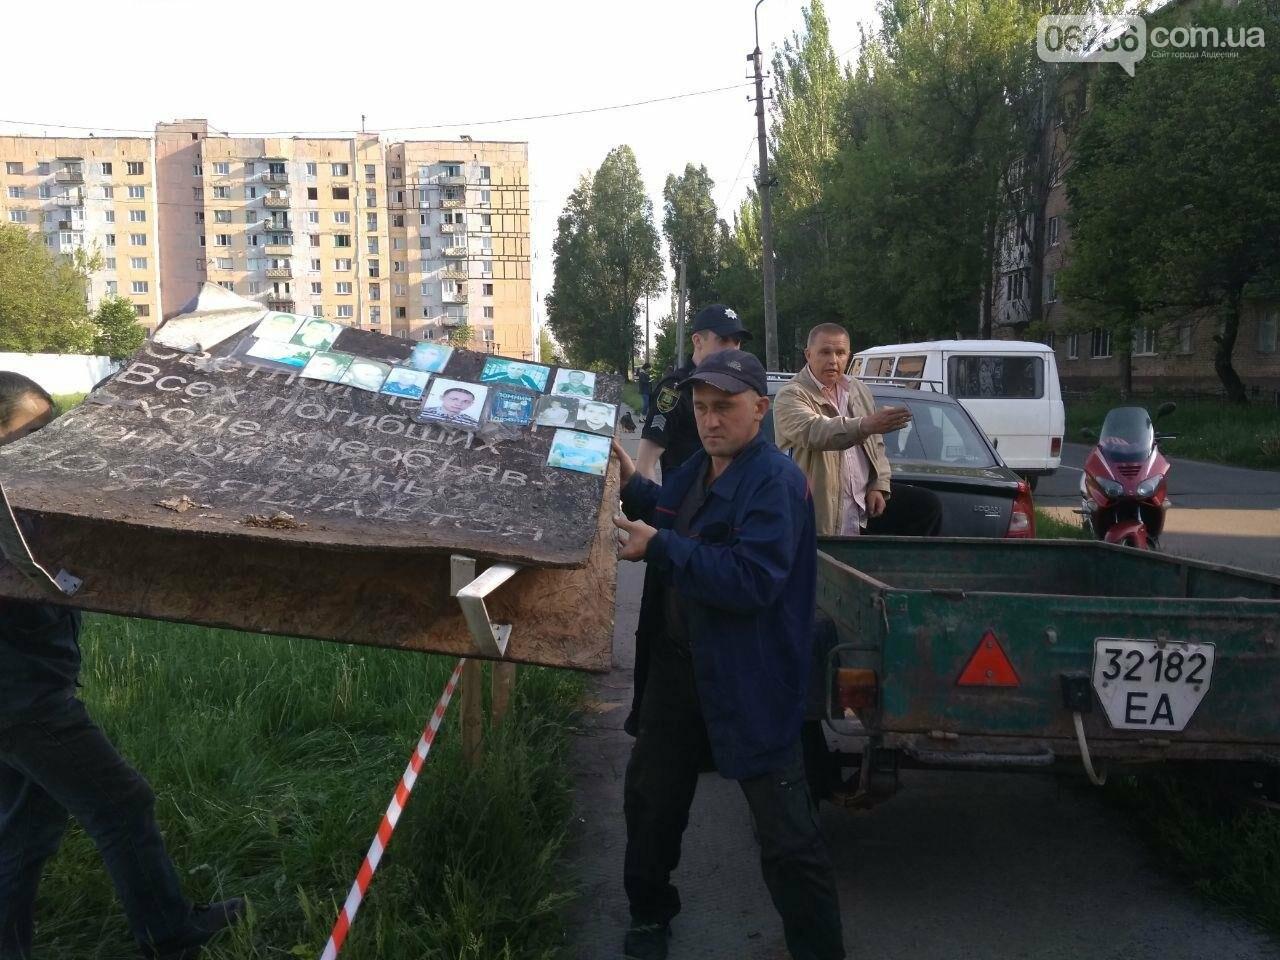 В Авдеевке полиция задержала активистов, разобравших памятник погибшим жителям (ФОТОФАКТ), фото-3